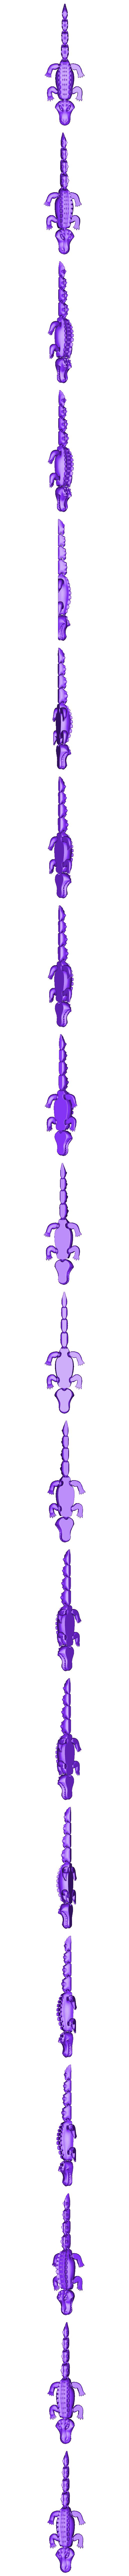 crocodile-print-in-place.STL Download STL file Happy Crocodile Print-in-place • 3D printer model, smartmendez